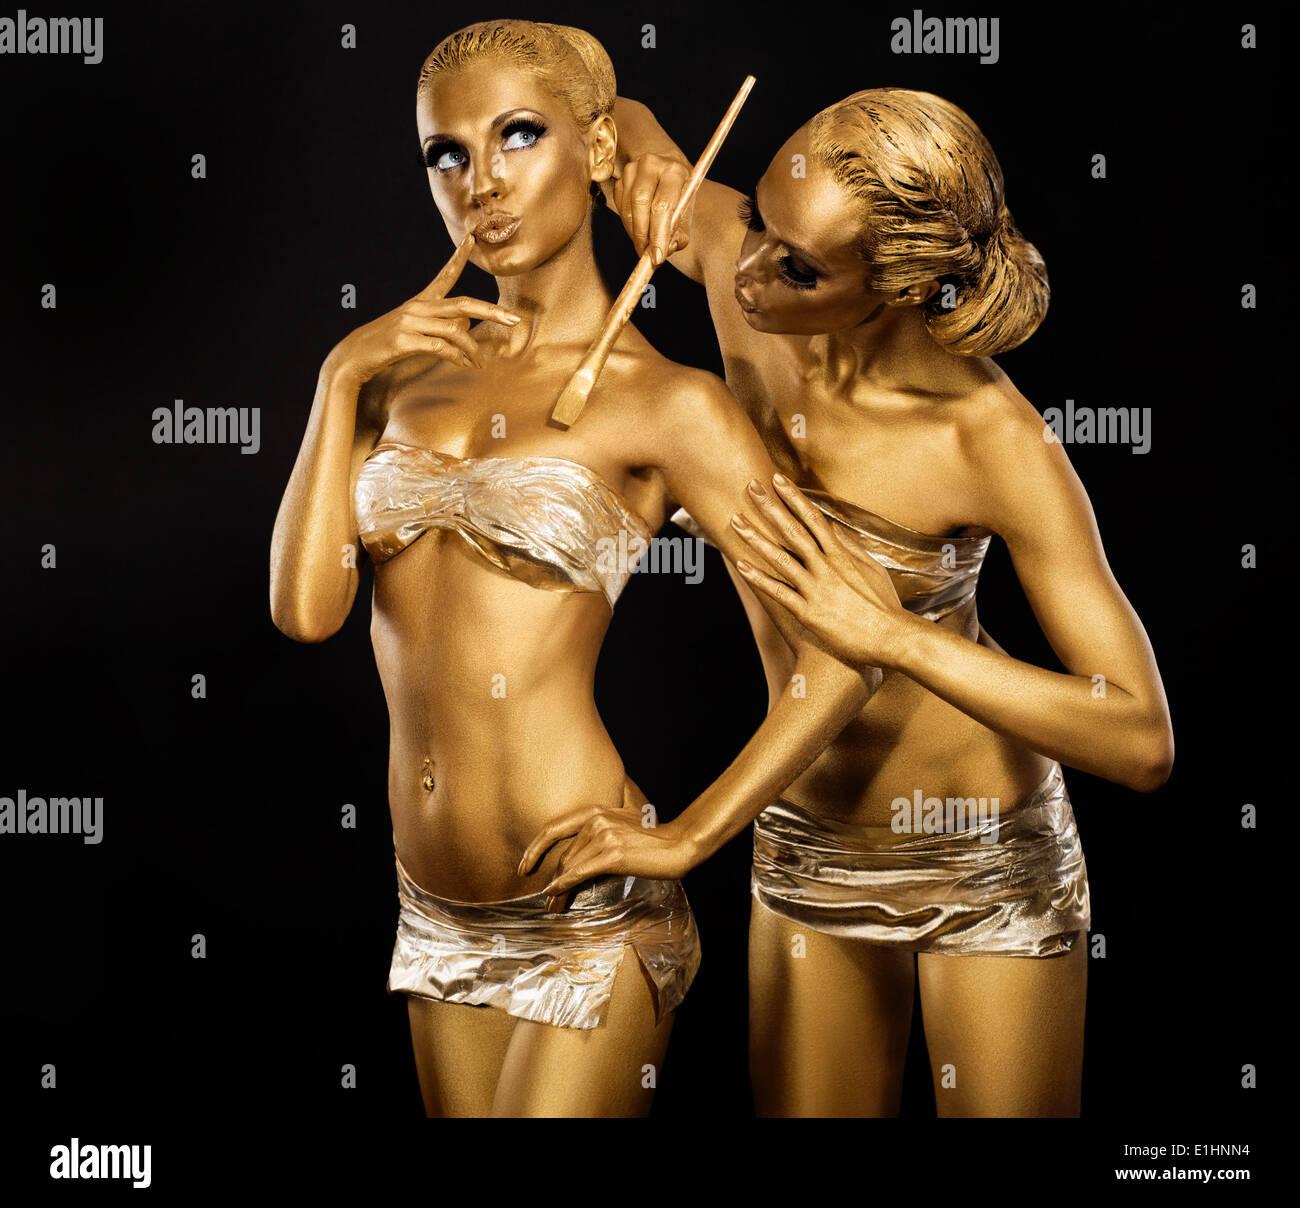 Corpo Art. Donna pittura corpo con spazzola di vernice di colore dorato. Oro compongono Immagini Stock